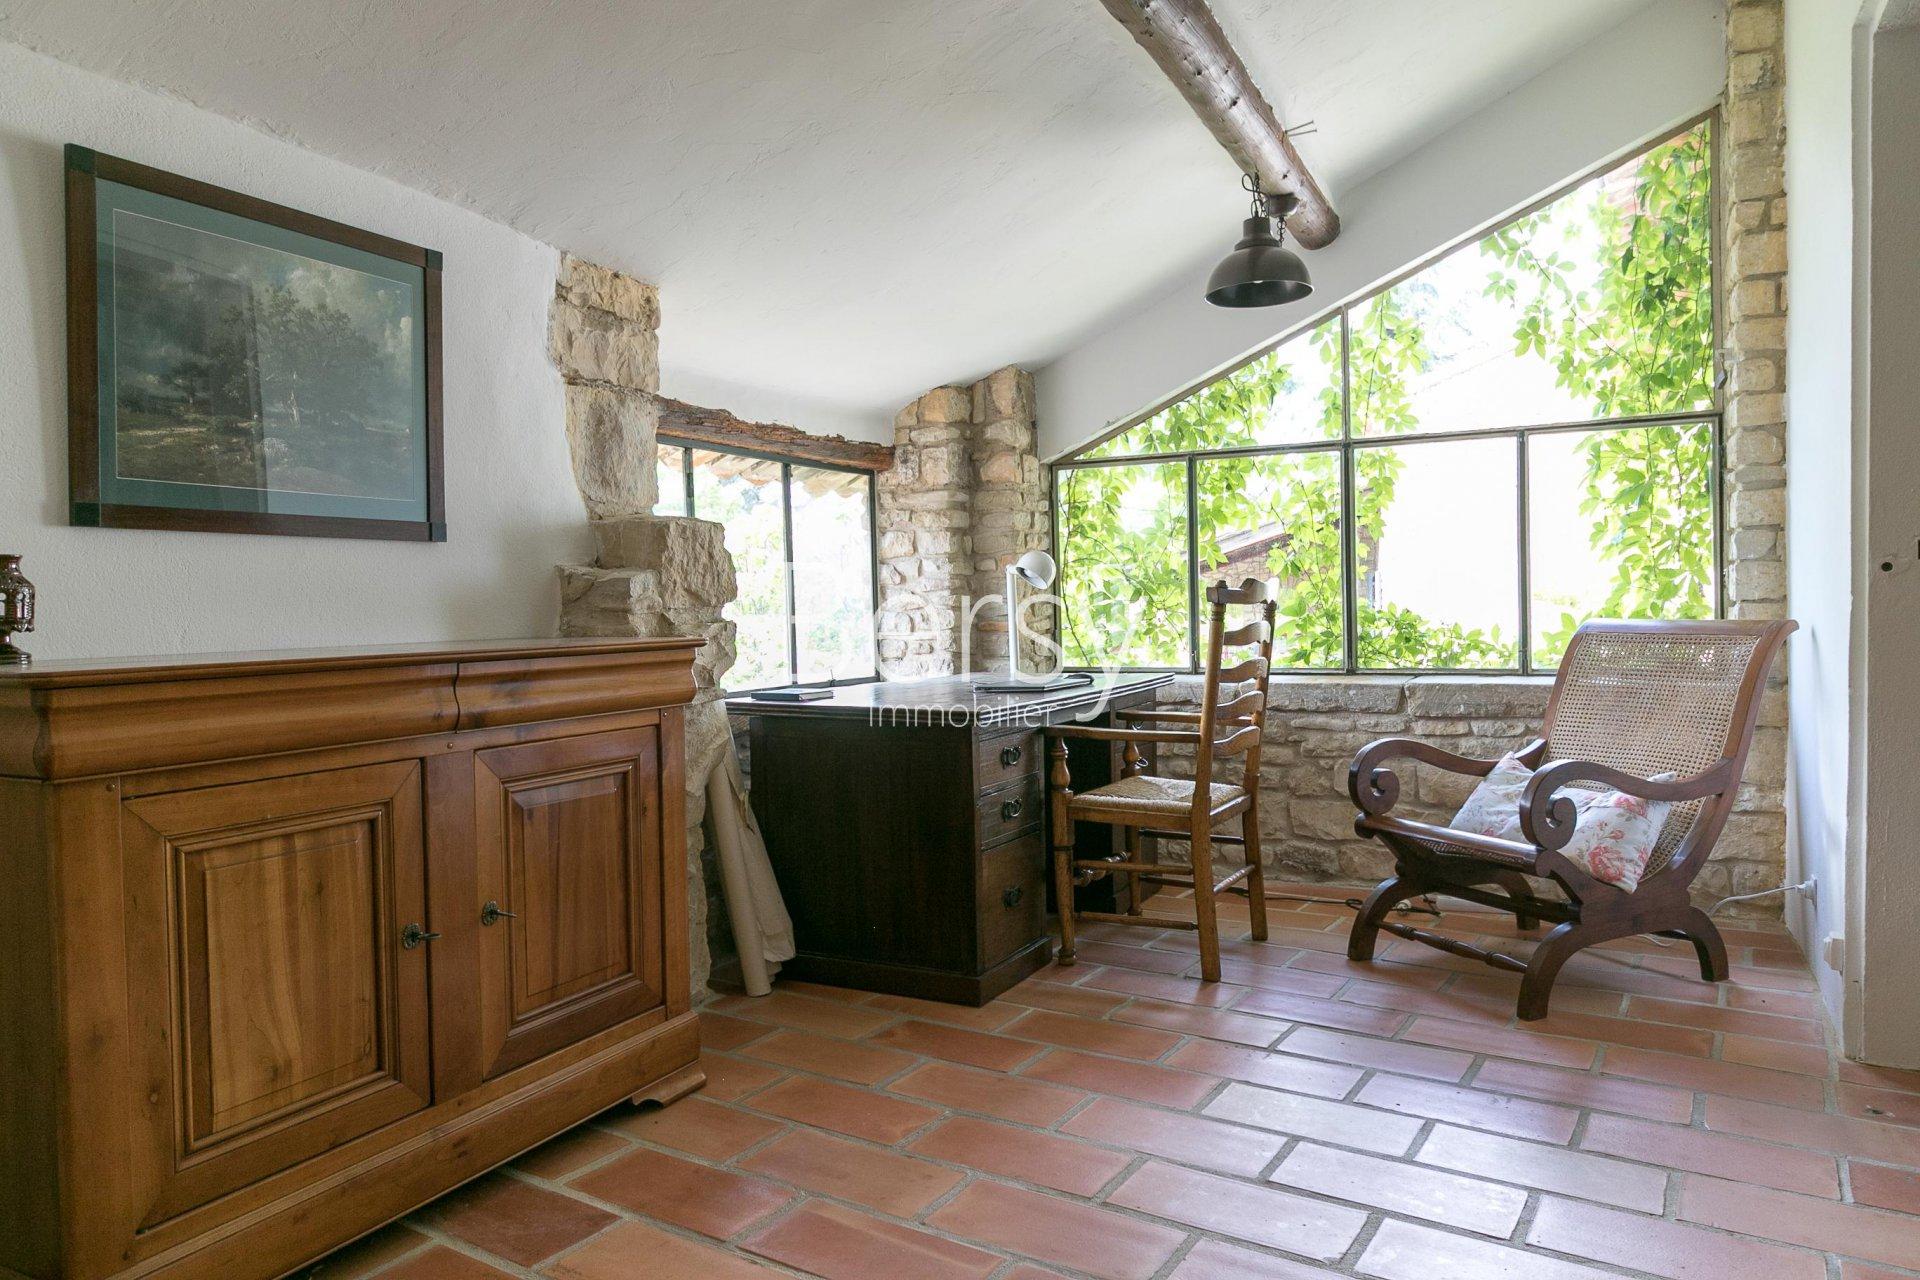 MAS HAUTES GARRIGUES - Charme unique, piscine privé + 2ème maison indépendante